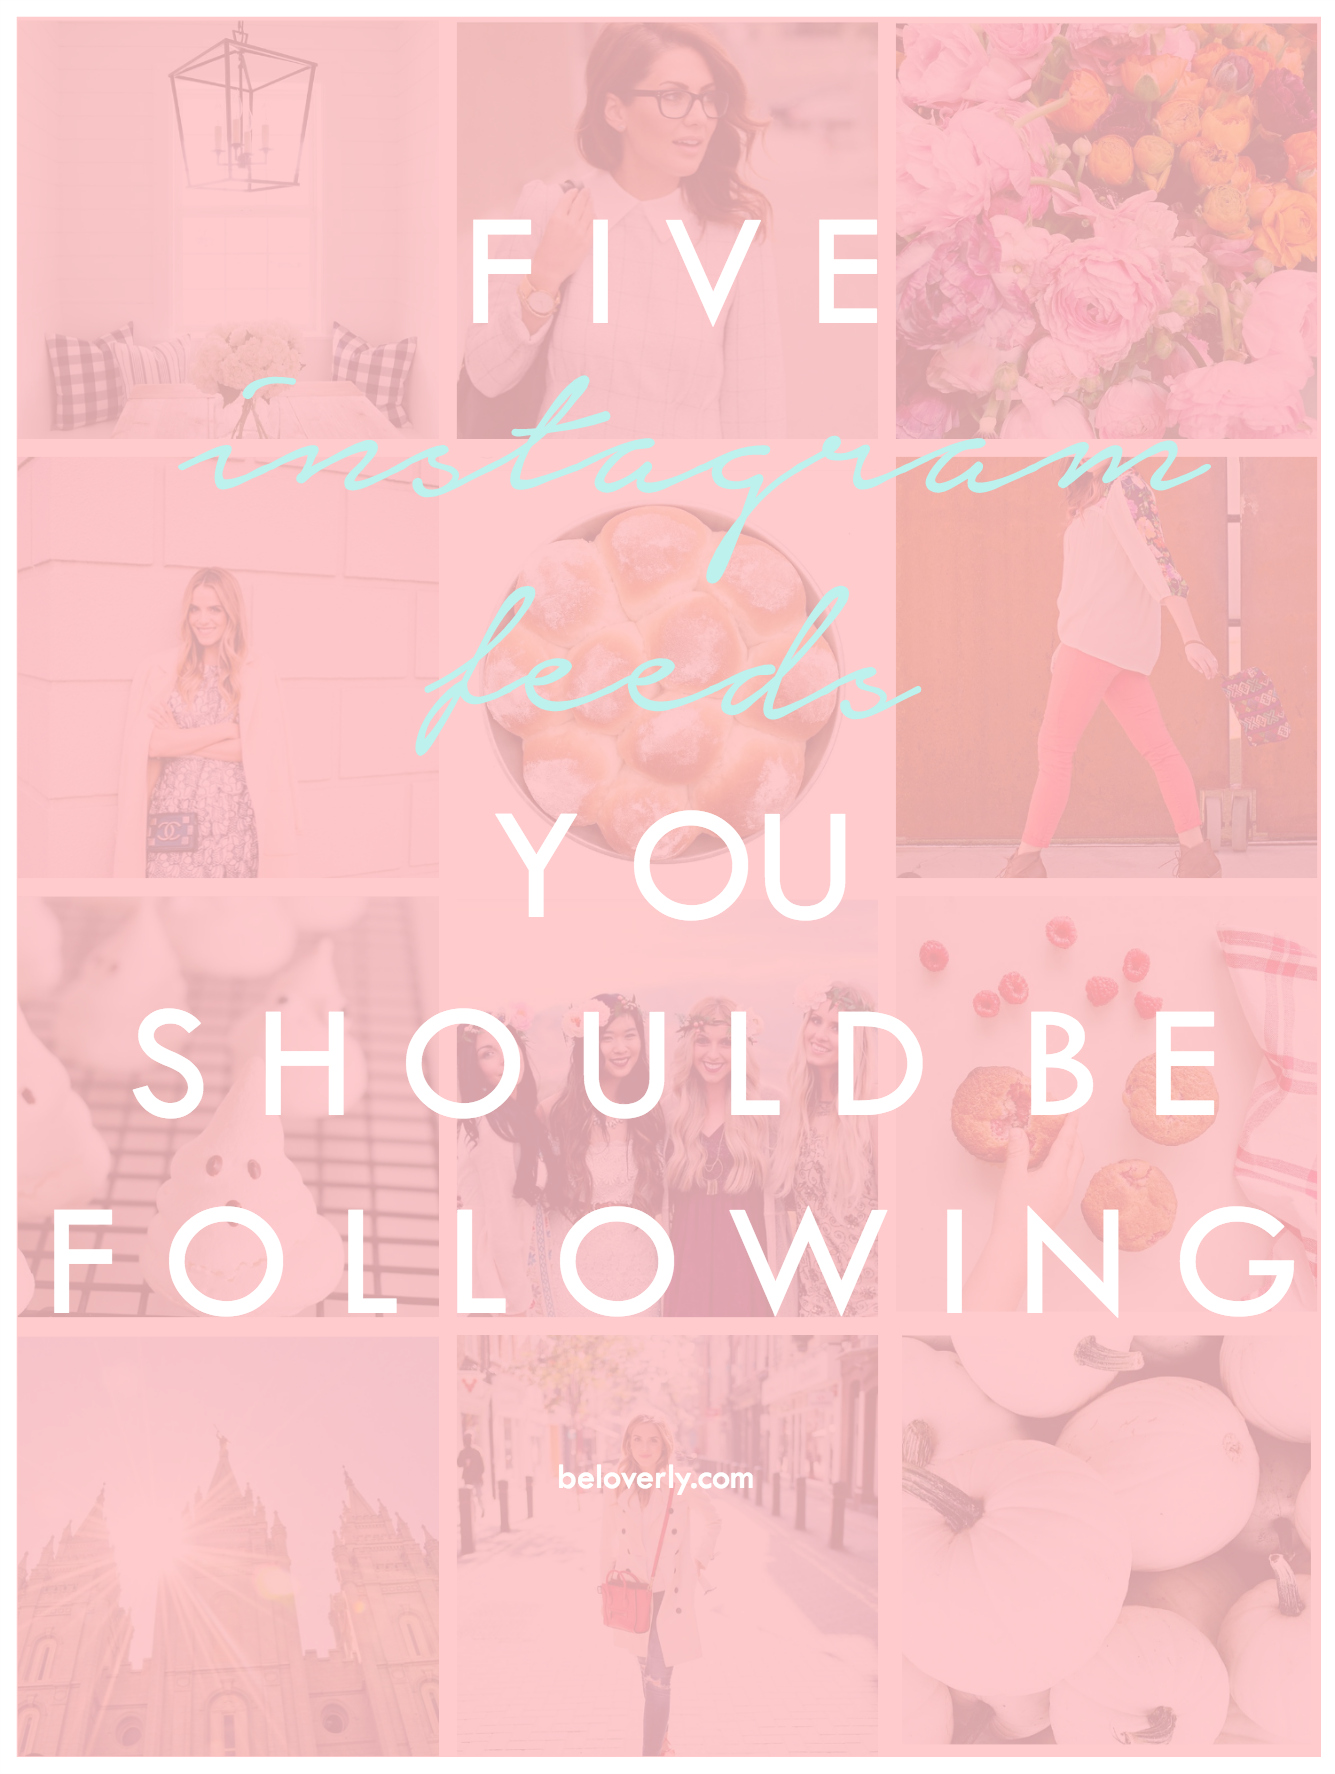 fiveinstagramfeedsyoushouldbefollowing